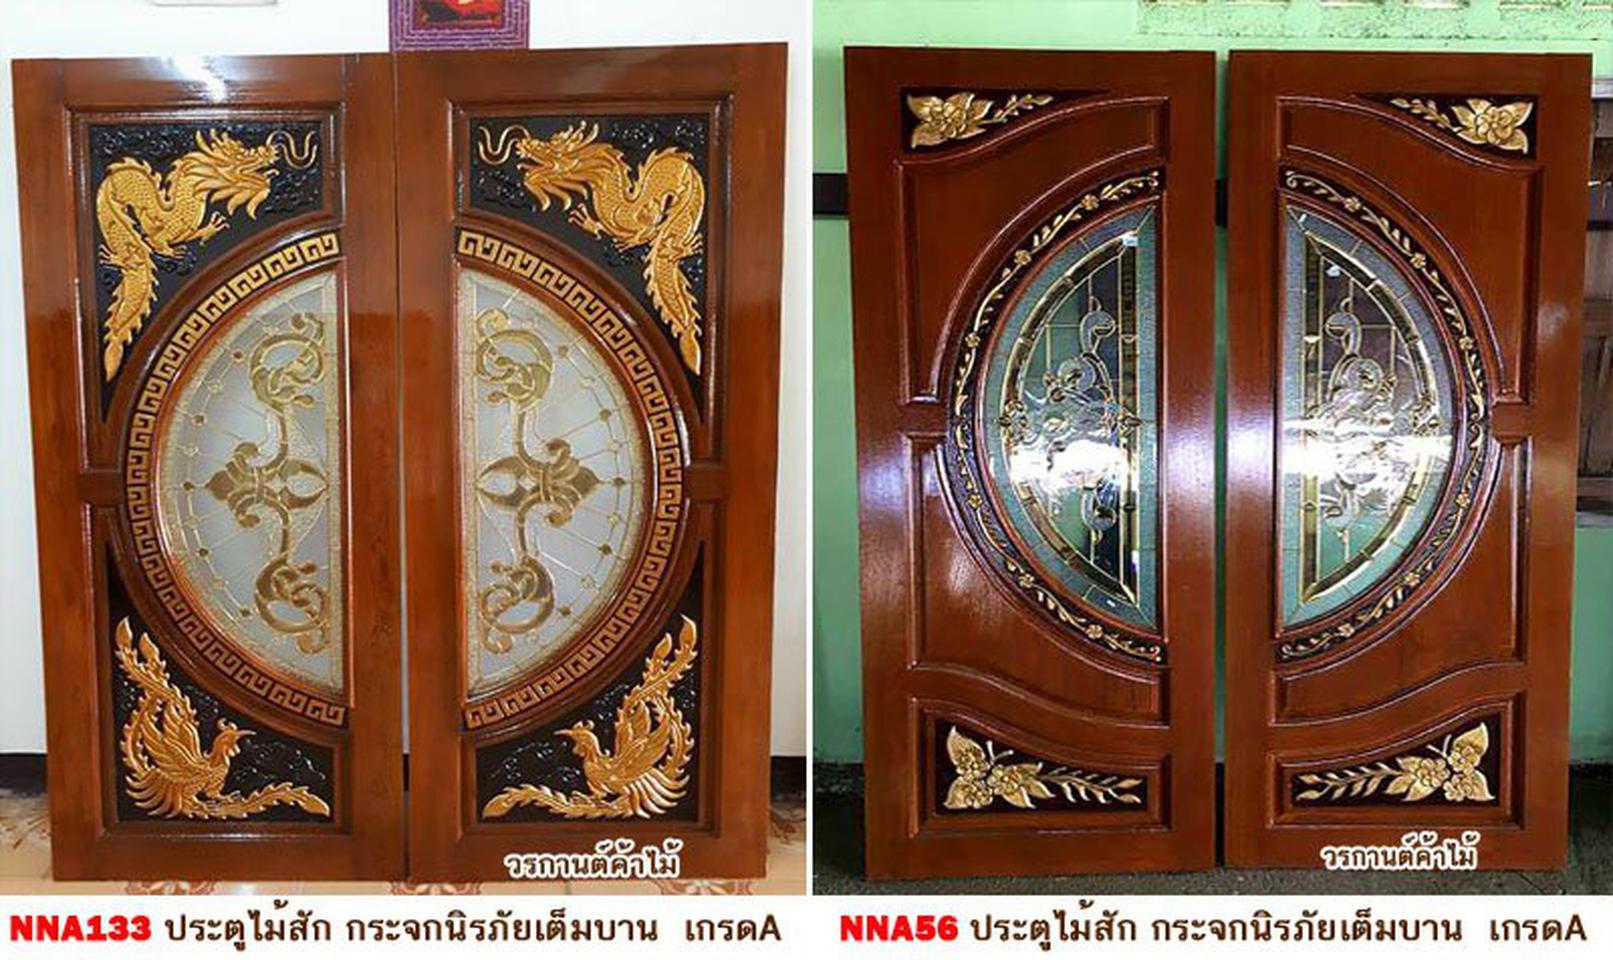 ประตูไม้สัก,ประตูไม้สักกระจกนิรภัย,ประตูไม้สักบานคู่,ประตูไม้สักบานเดี่ยว www.door-woodhome.com รูปที่ 4